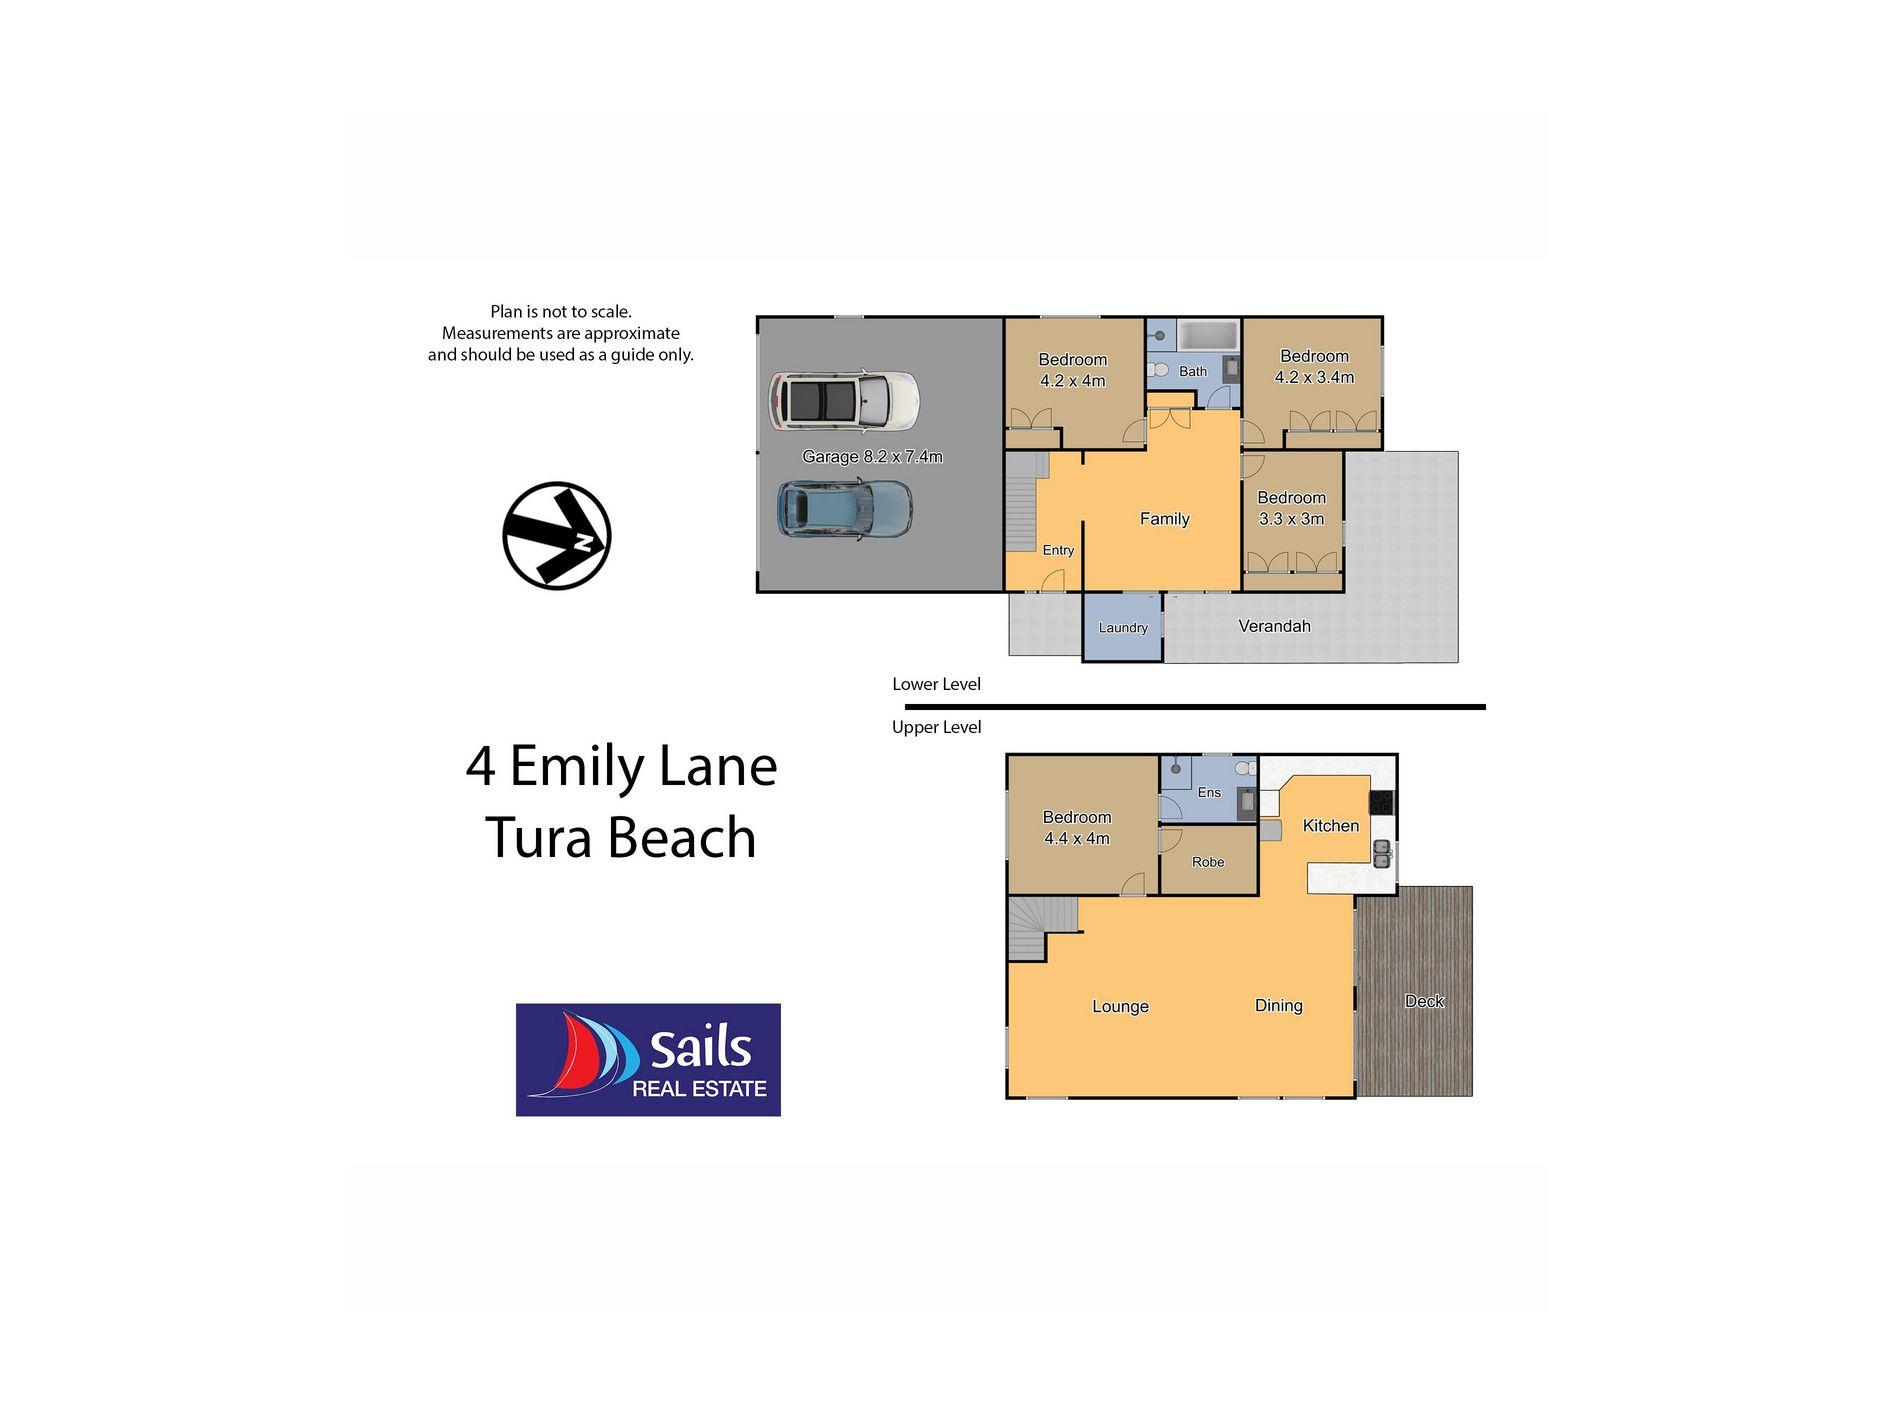 4 Emily Lane, Tura Beach